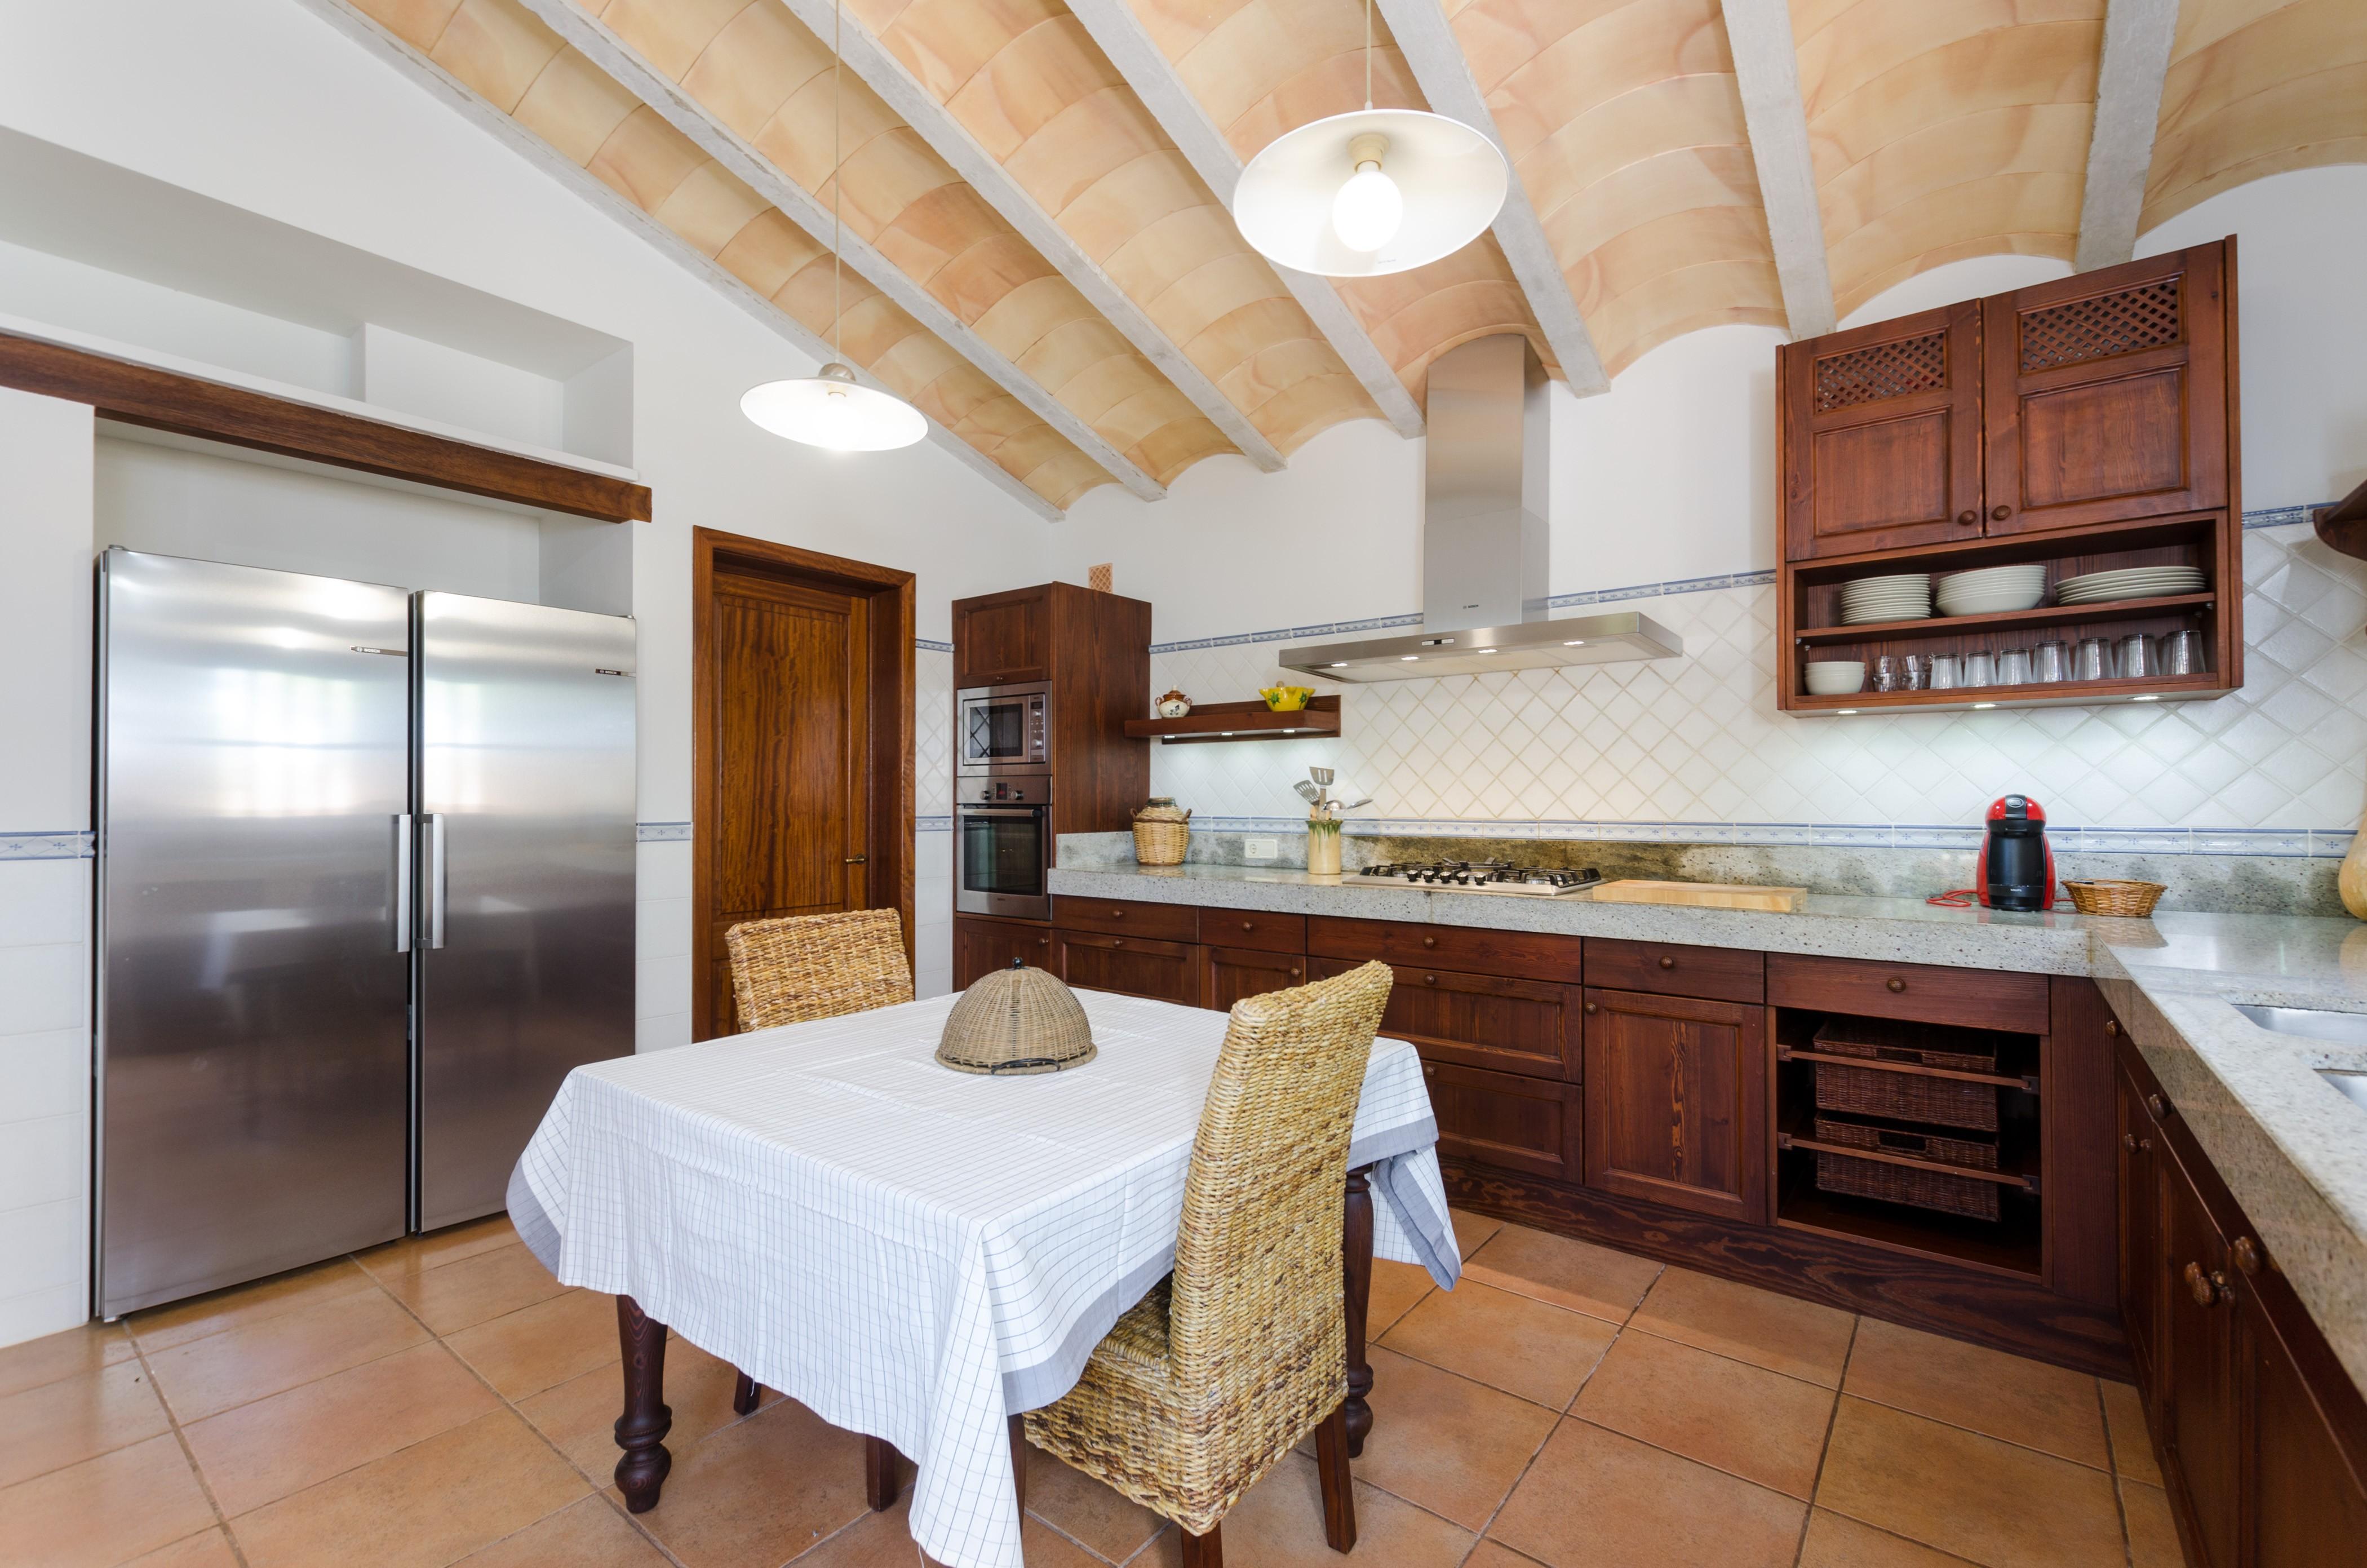 Maison de vacances ES VEDAT (2632993), Lloret de Vistalegre, Majorque, Iles Baléares, Espagne, image 19